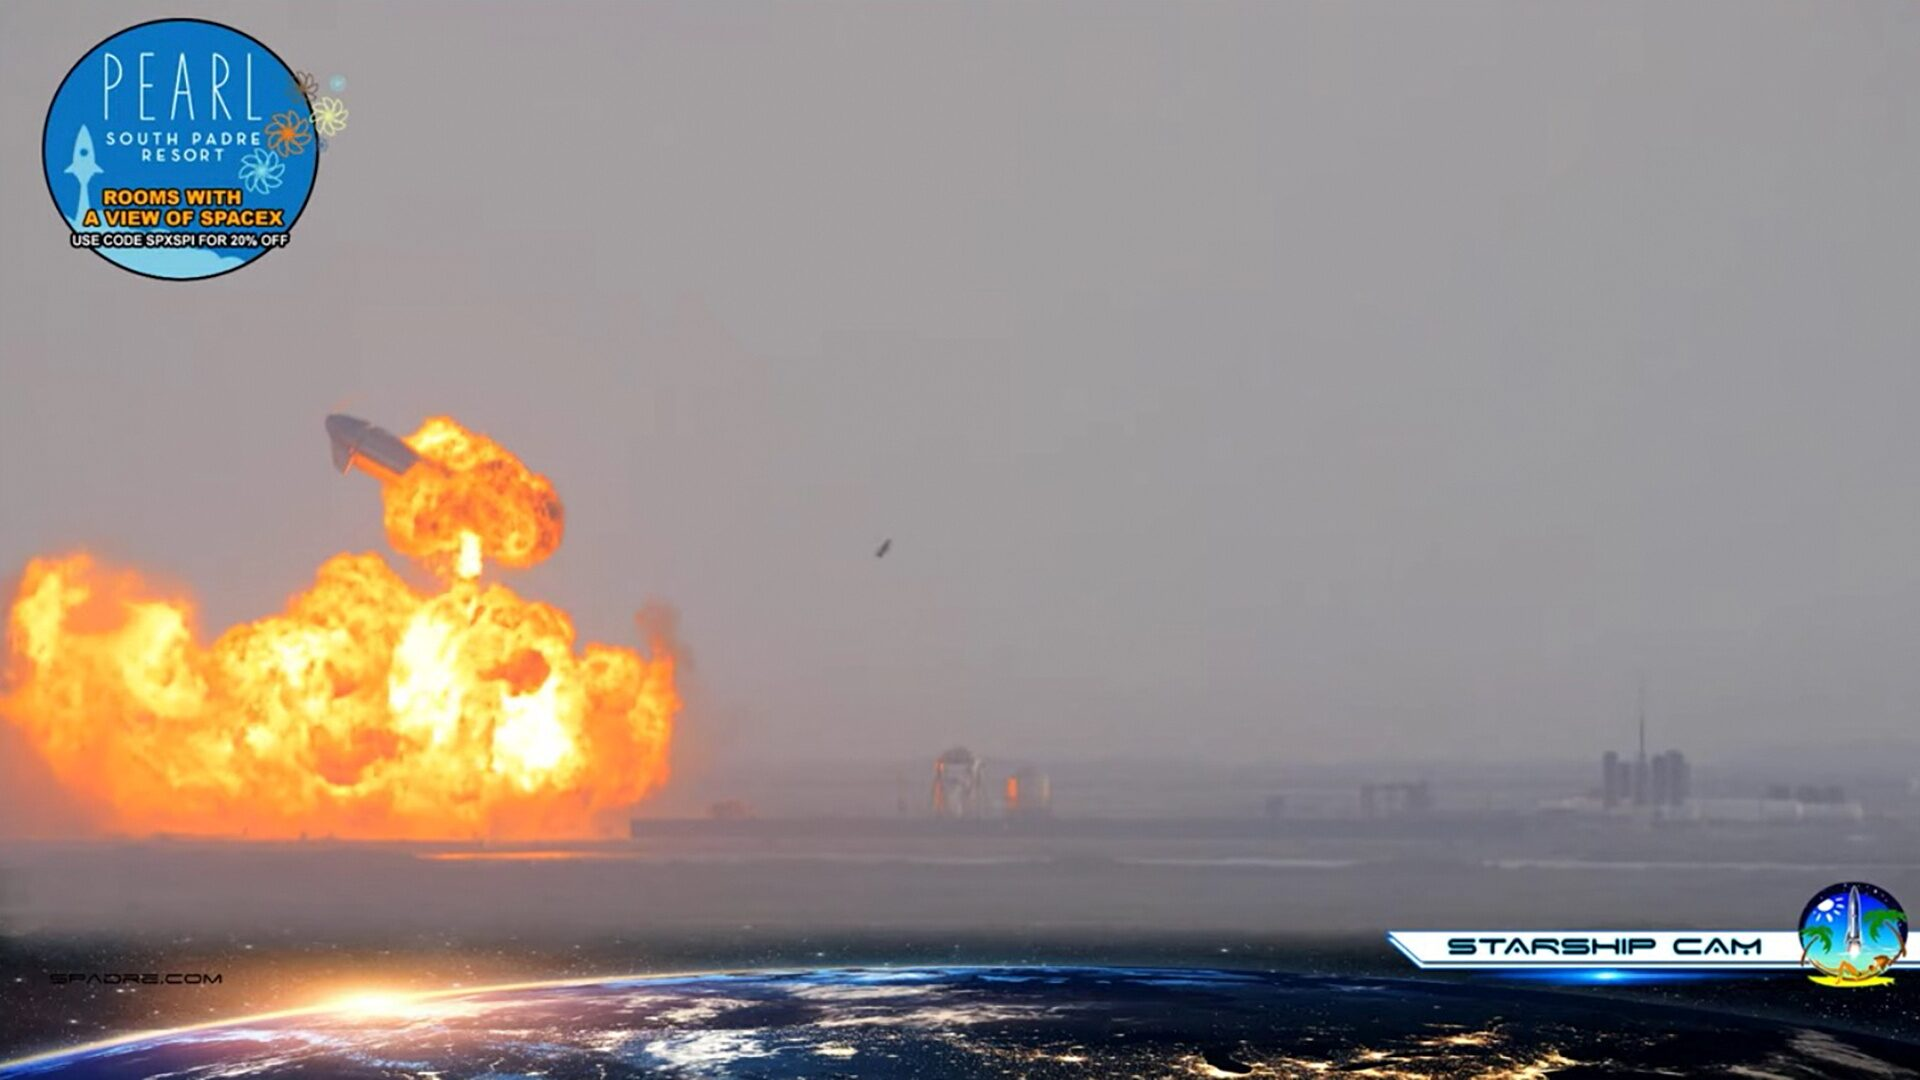 จรวดสเปซเอ็กซ์ สตาร์ชิพ ระเบิดหลังลงจอดได้ไม่นาน